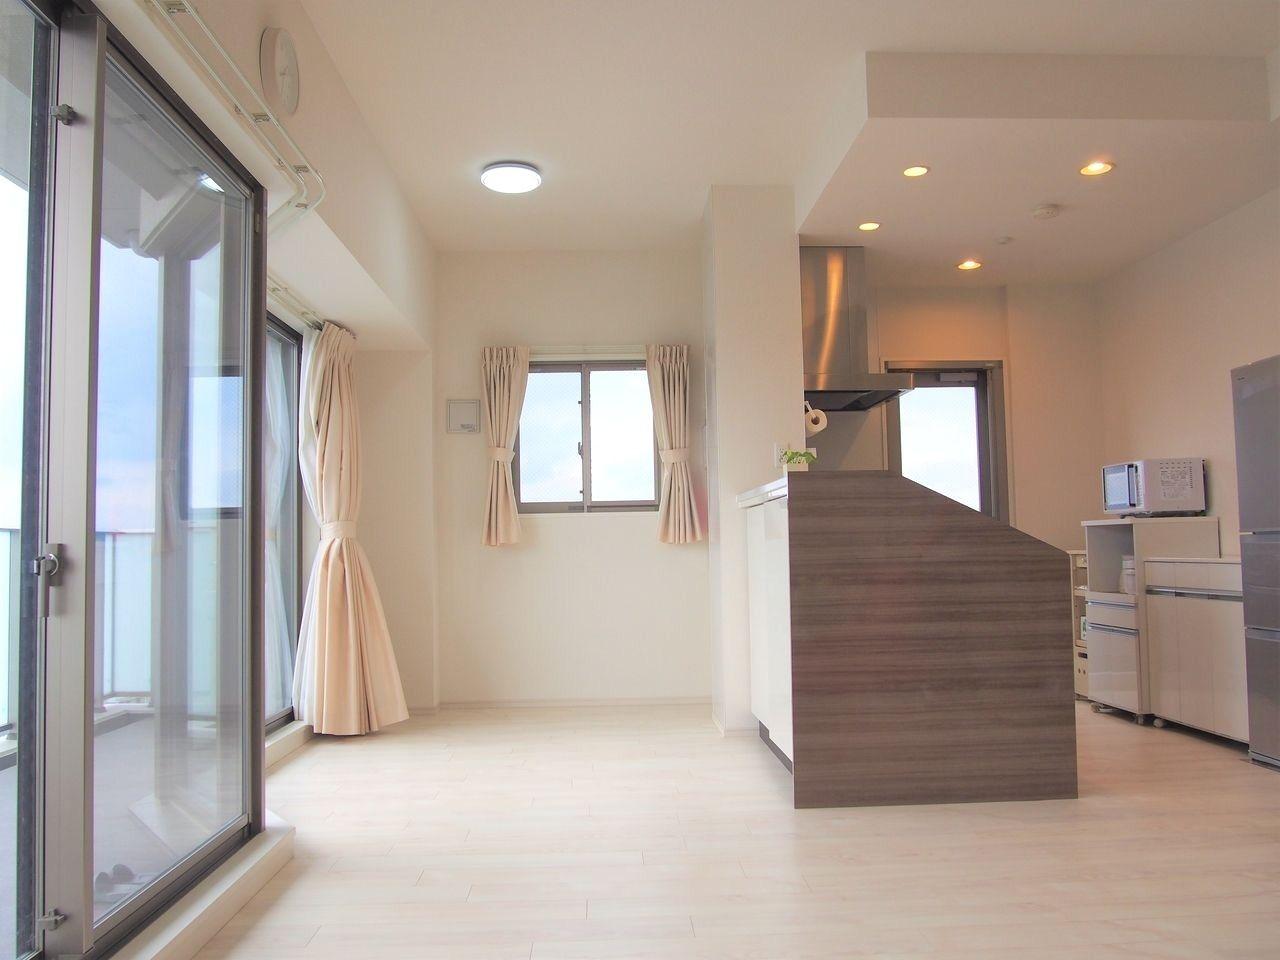 角部屋なので、側面に窓を設置することができ、さわやかな風と光がリビングに降り注ぎます。キッチンからの眺望もGOOD◎リビングの天井高は2700㎜